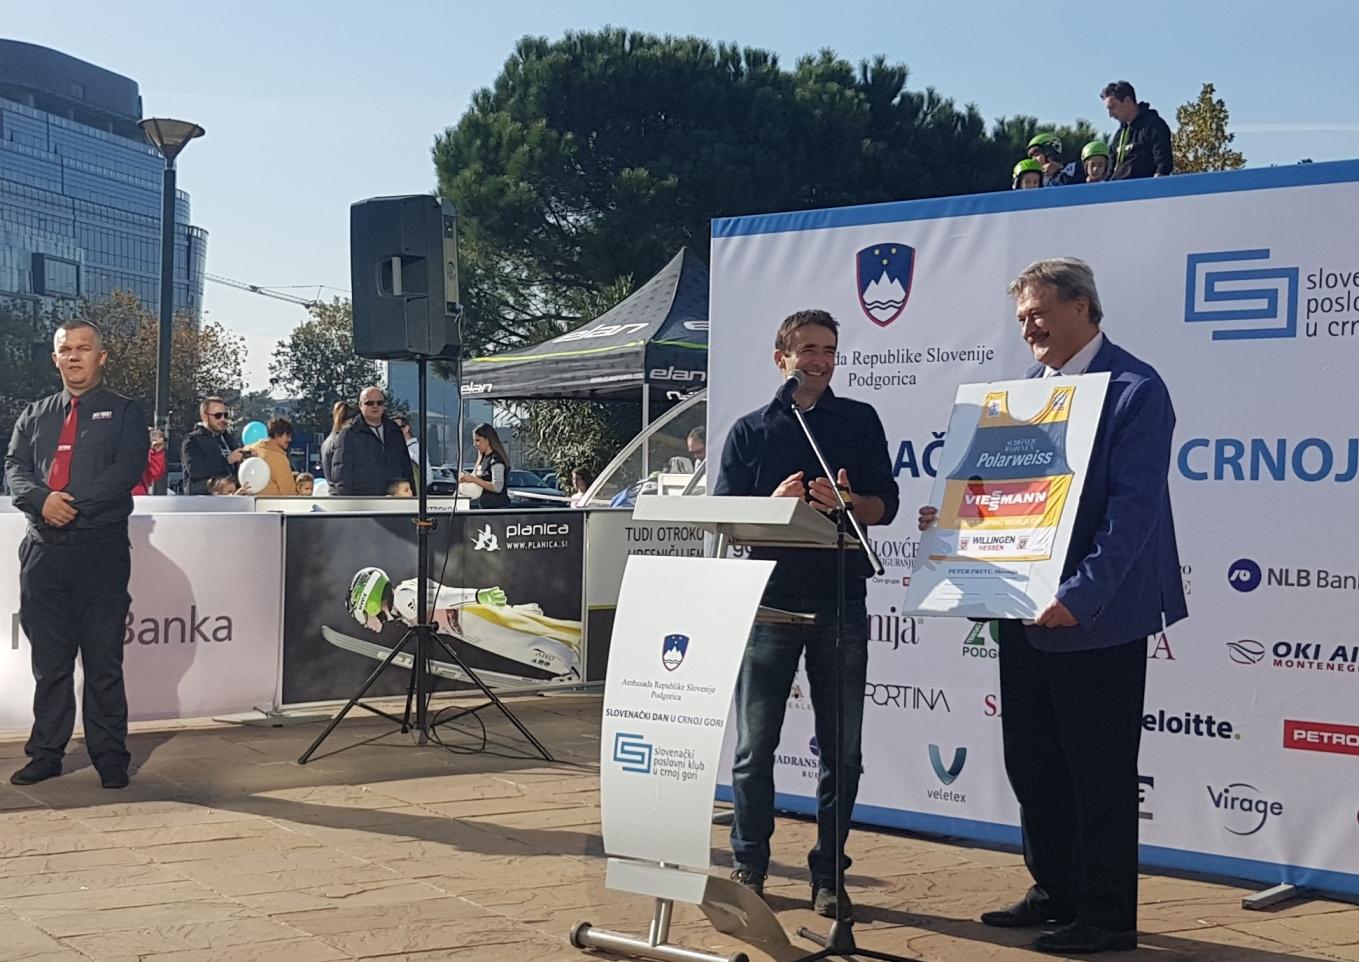 """Održana manifestacija """"Slovenački dan u Crnoj Gori"""" 19. i 20. novembra 2016. godine"""